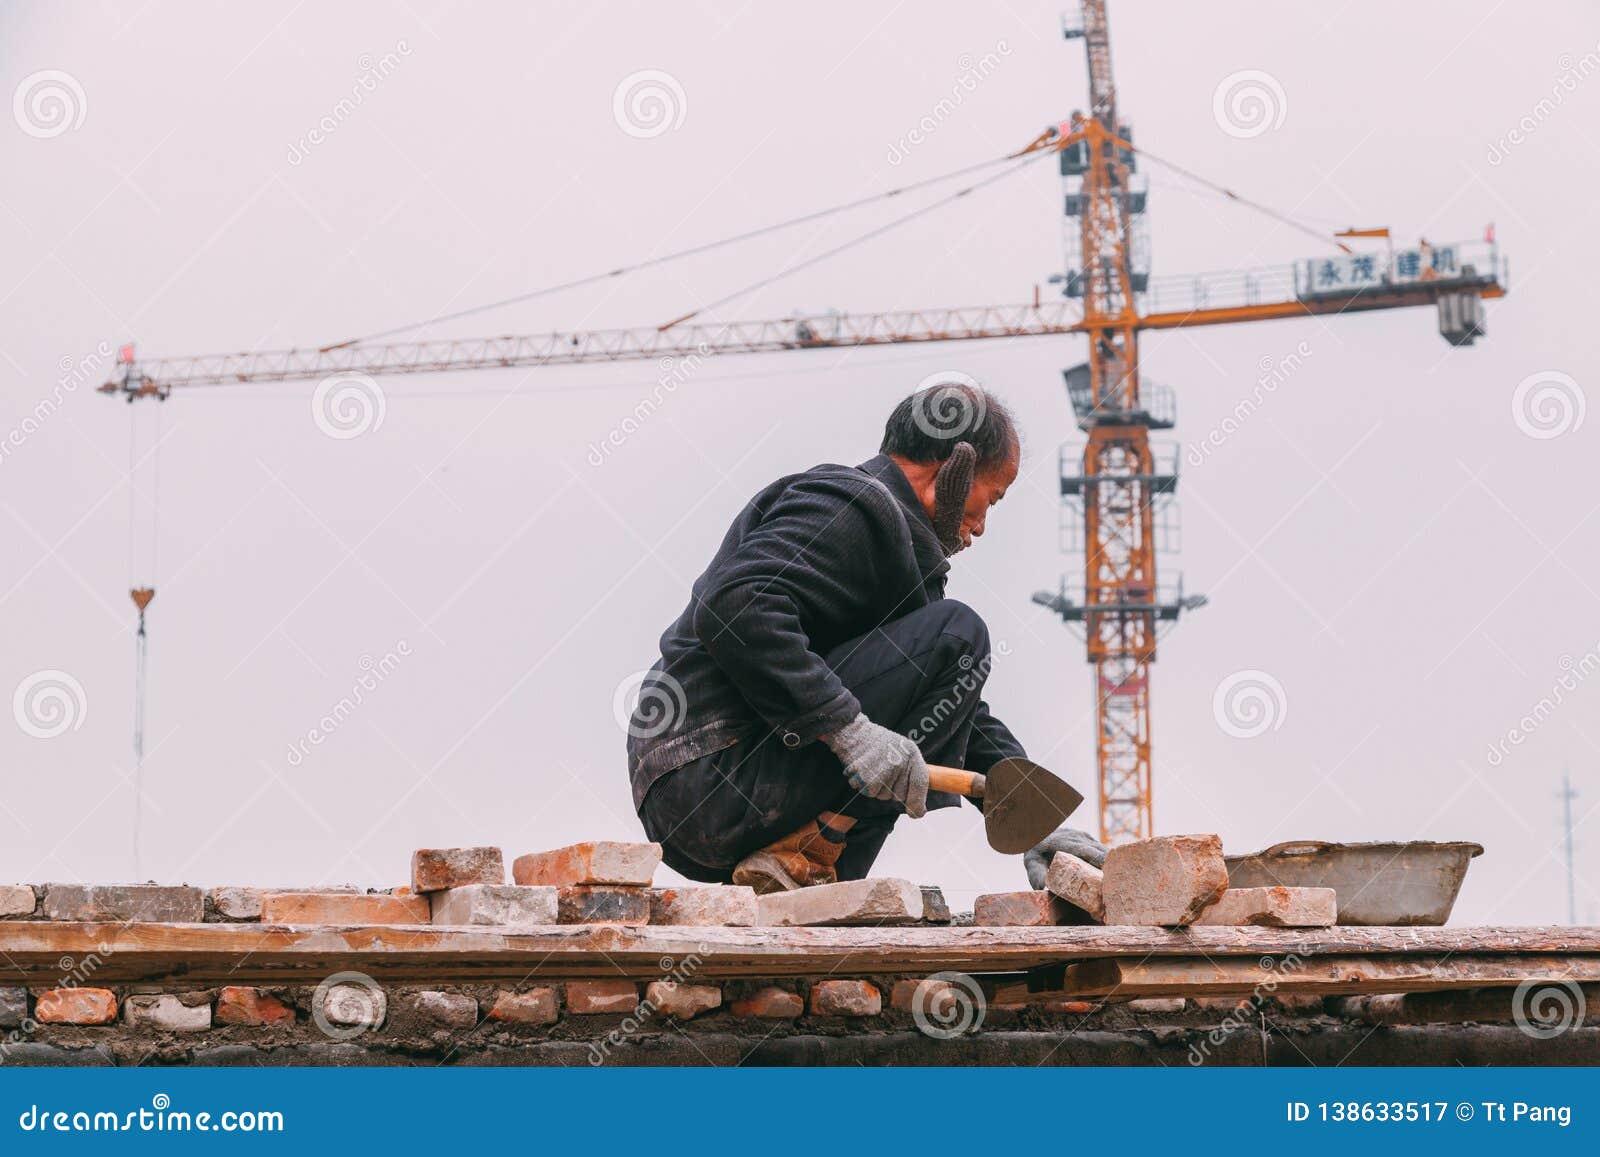 18 de dezembro de 2014 Pequim homens em um canteiro de obras na cidade com guindastes, tijolos takeing